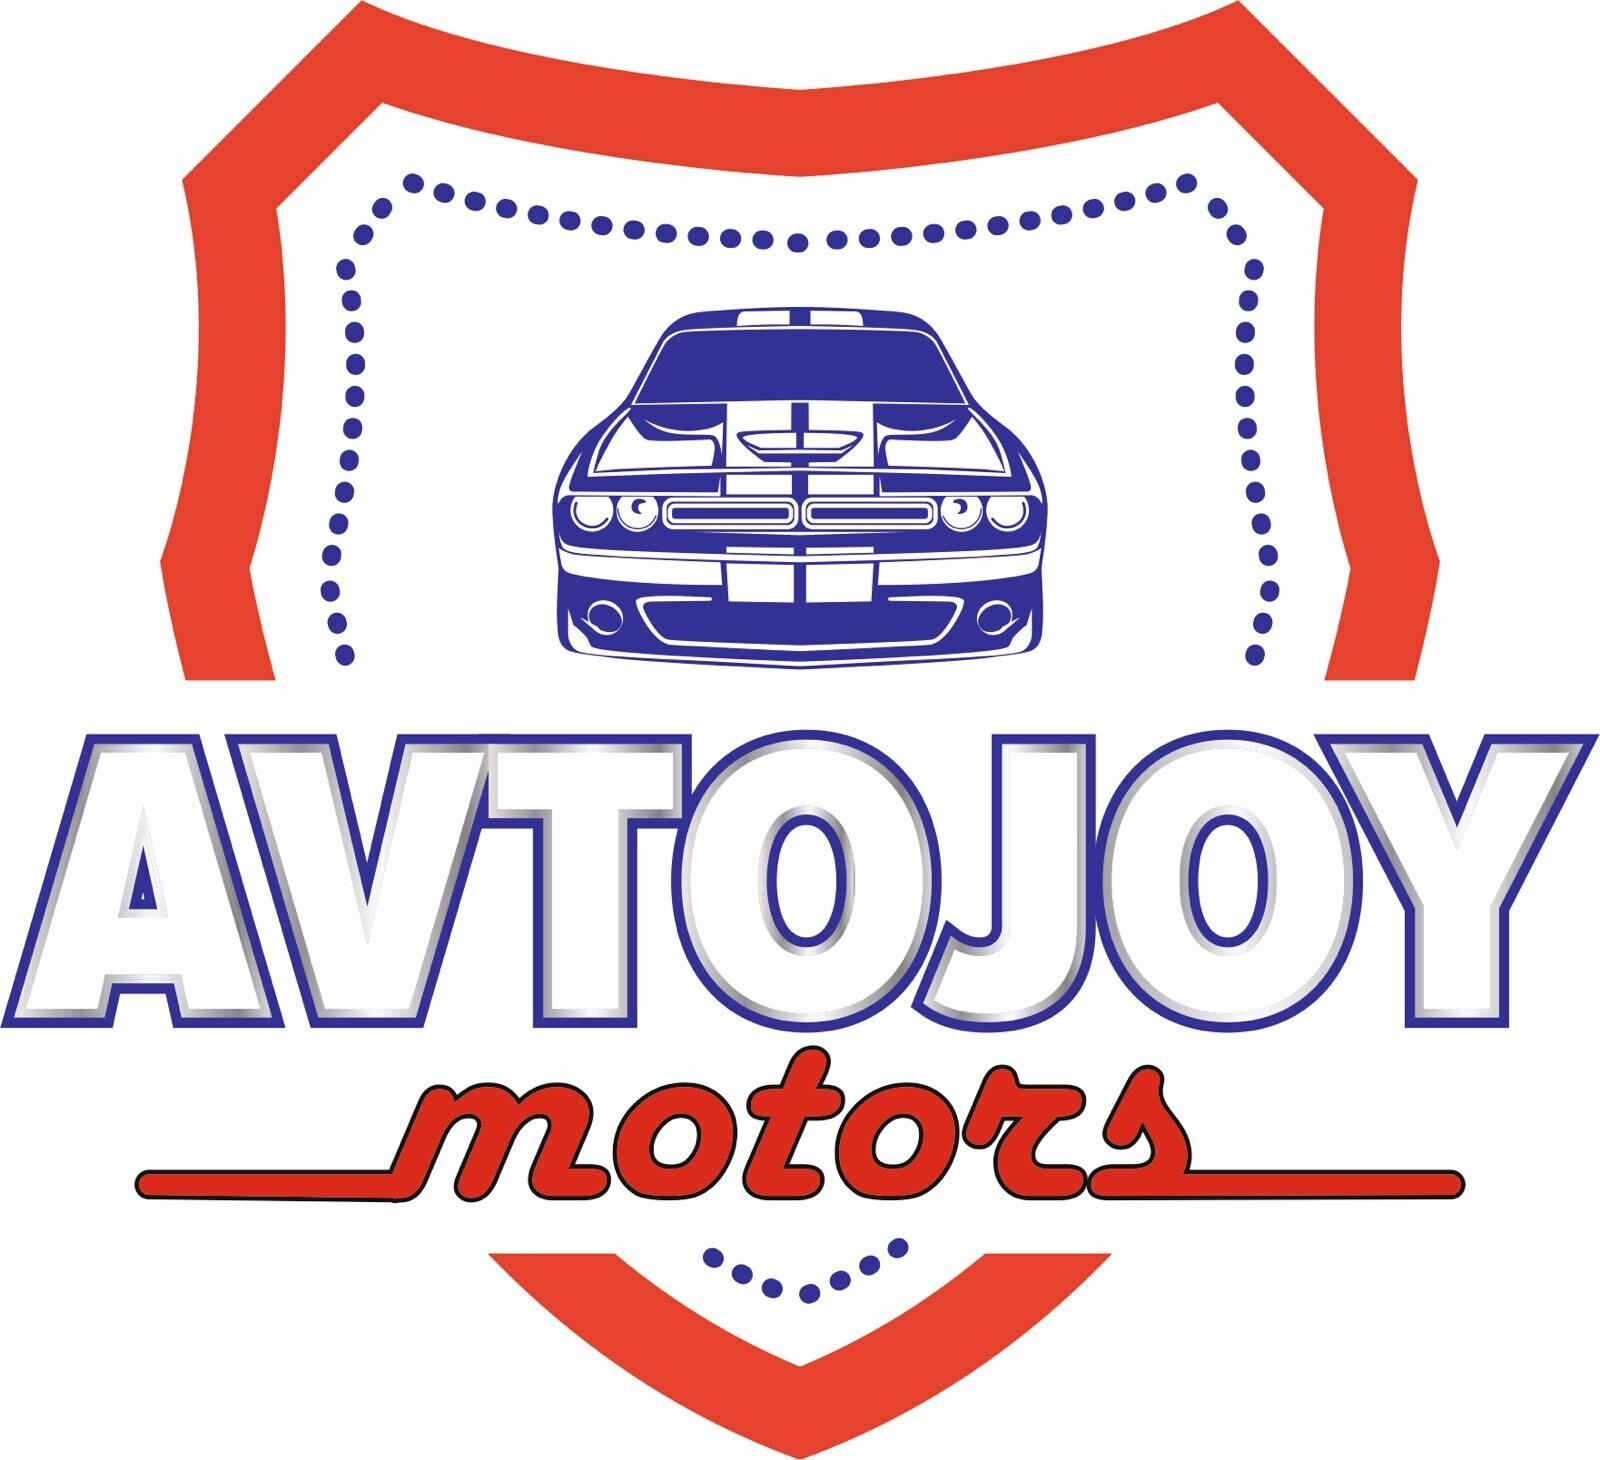 Avtojoy